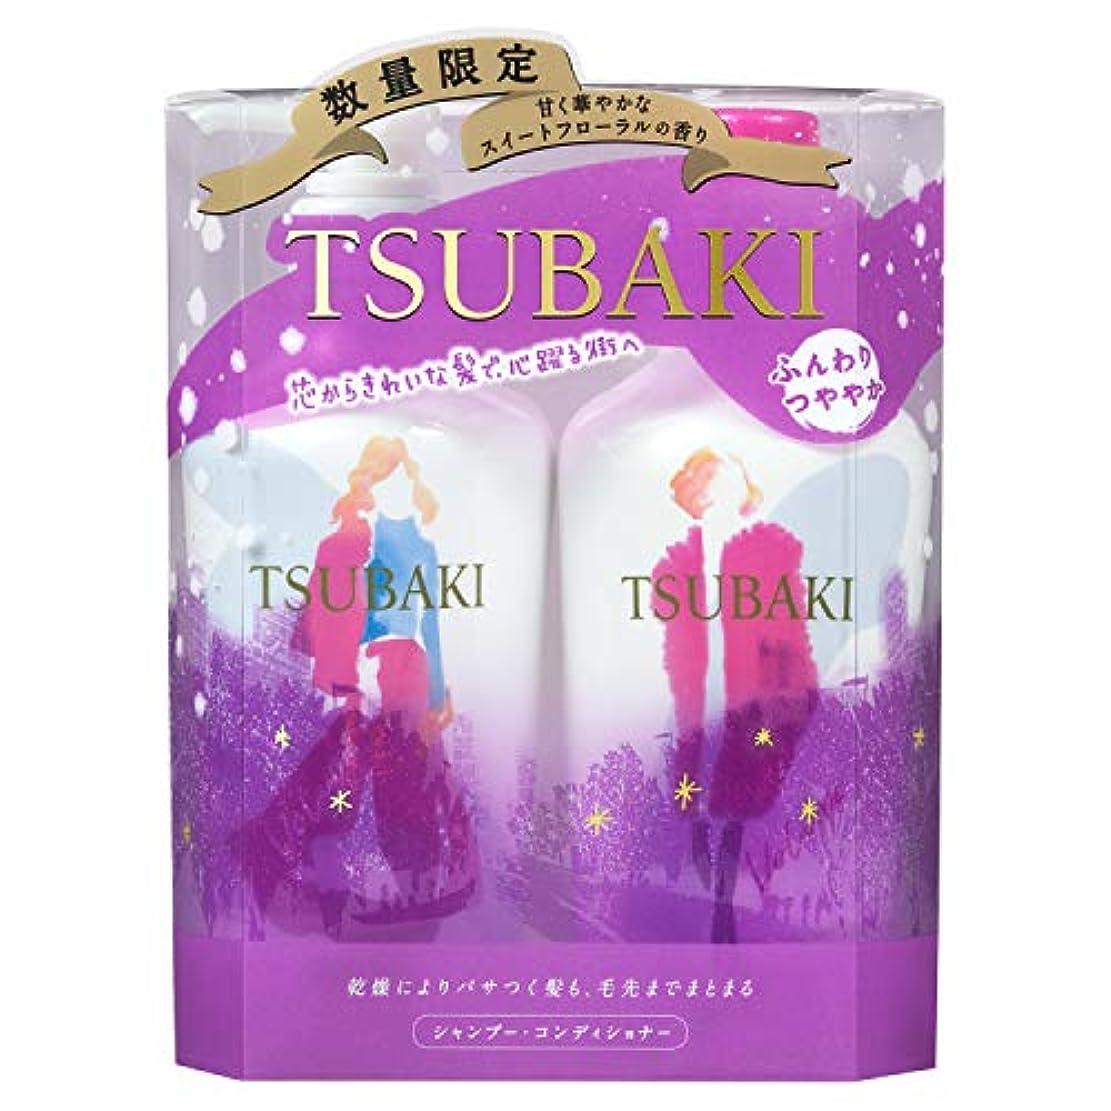 精度店主熱意ツバキ (TSUBAKI) ふんわりつややか ウィンターポンプペア (シャンプー&コンディショナー)